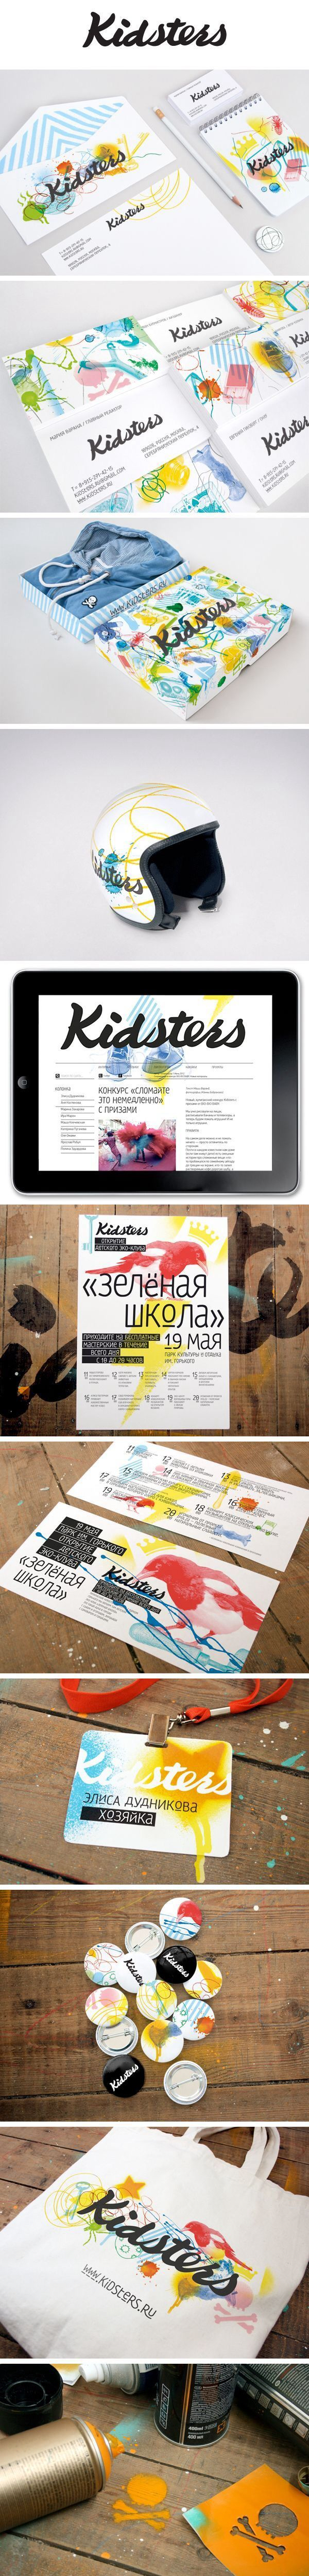 (notitle) – Publicidad – #Publicidad #notitle   – ideas de diseño